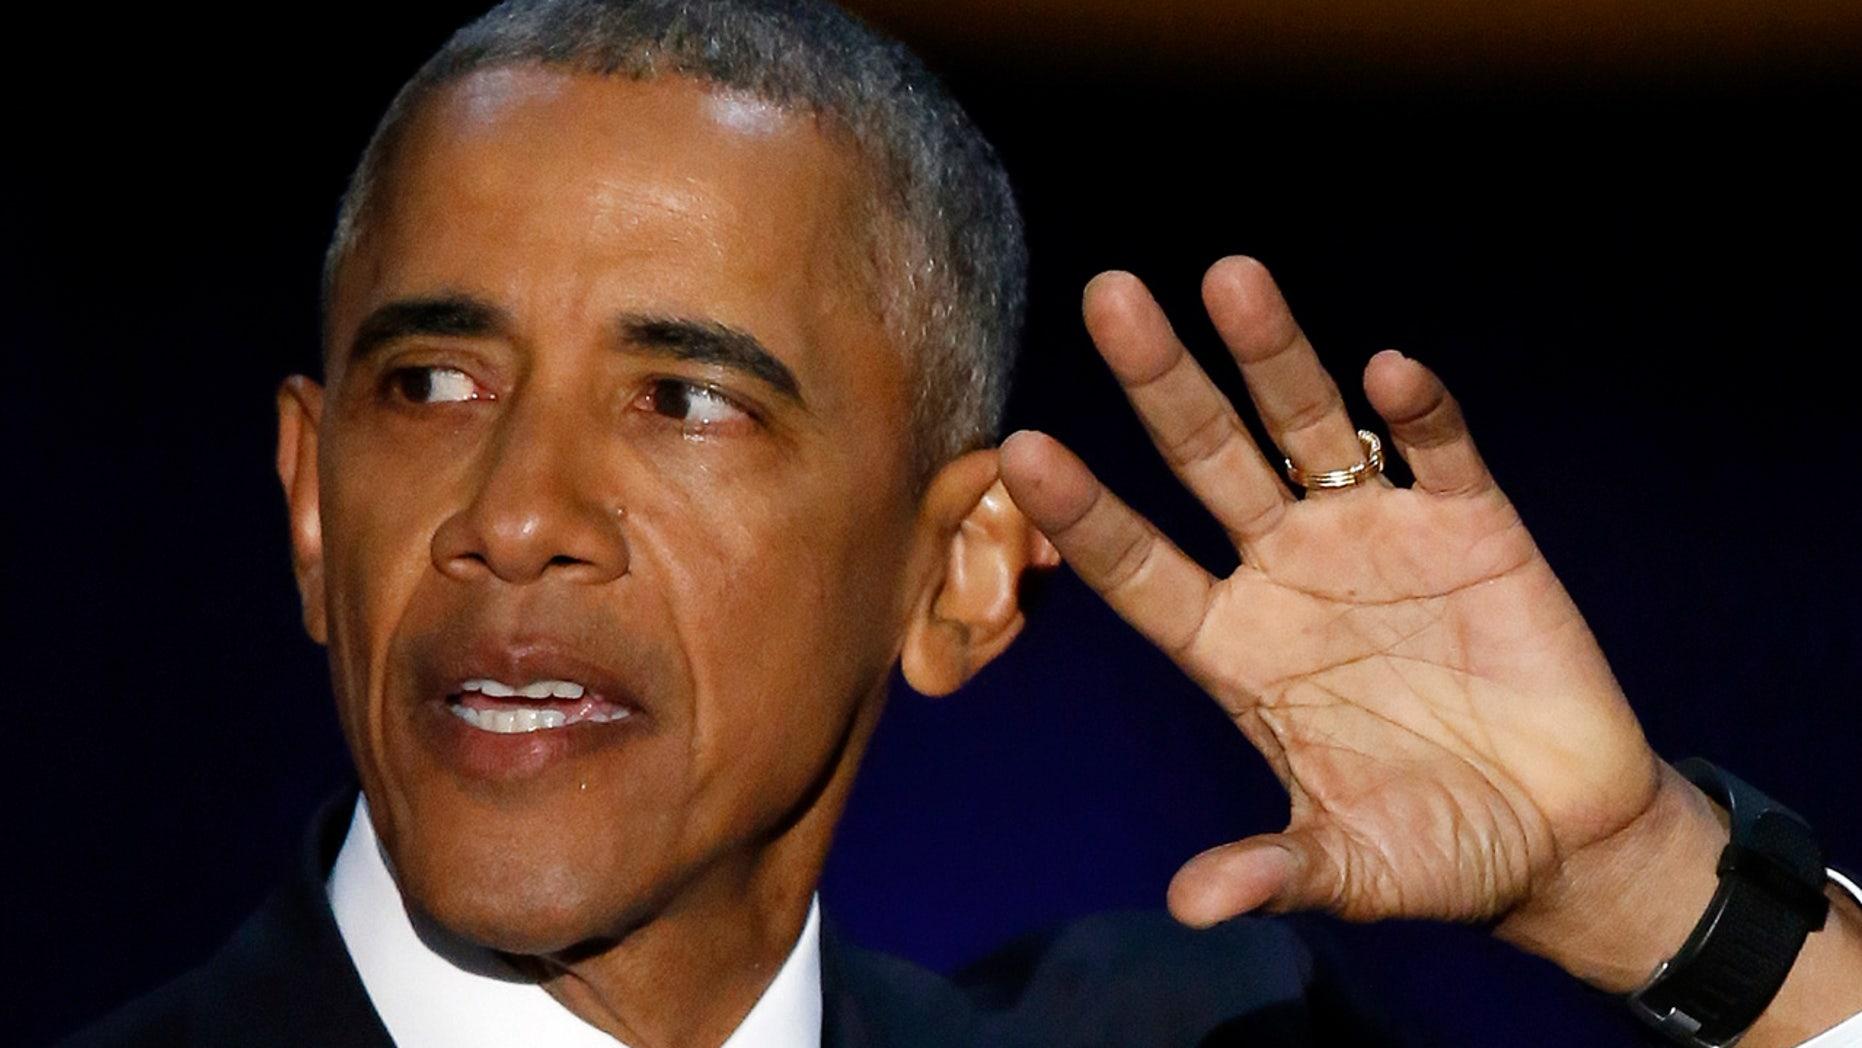 The hidden message in Obama's 'farewell' speech | Fox News